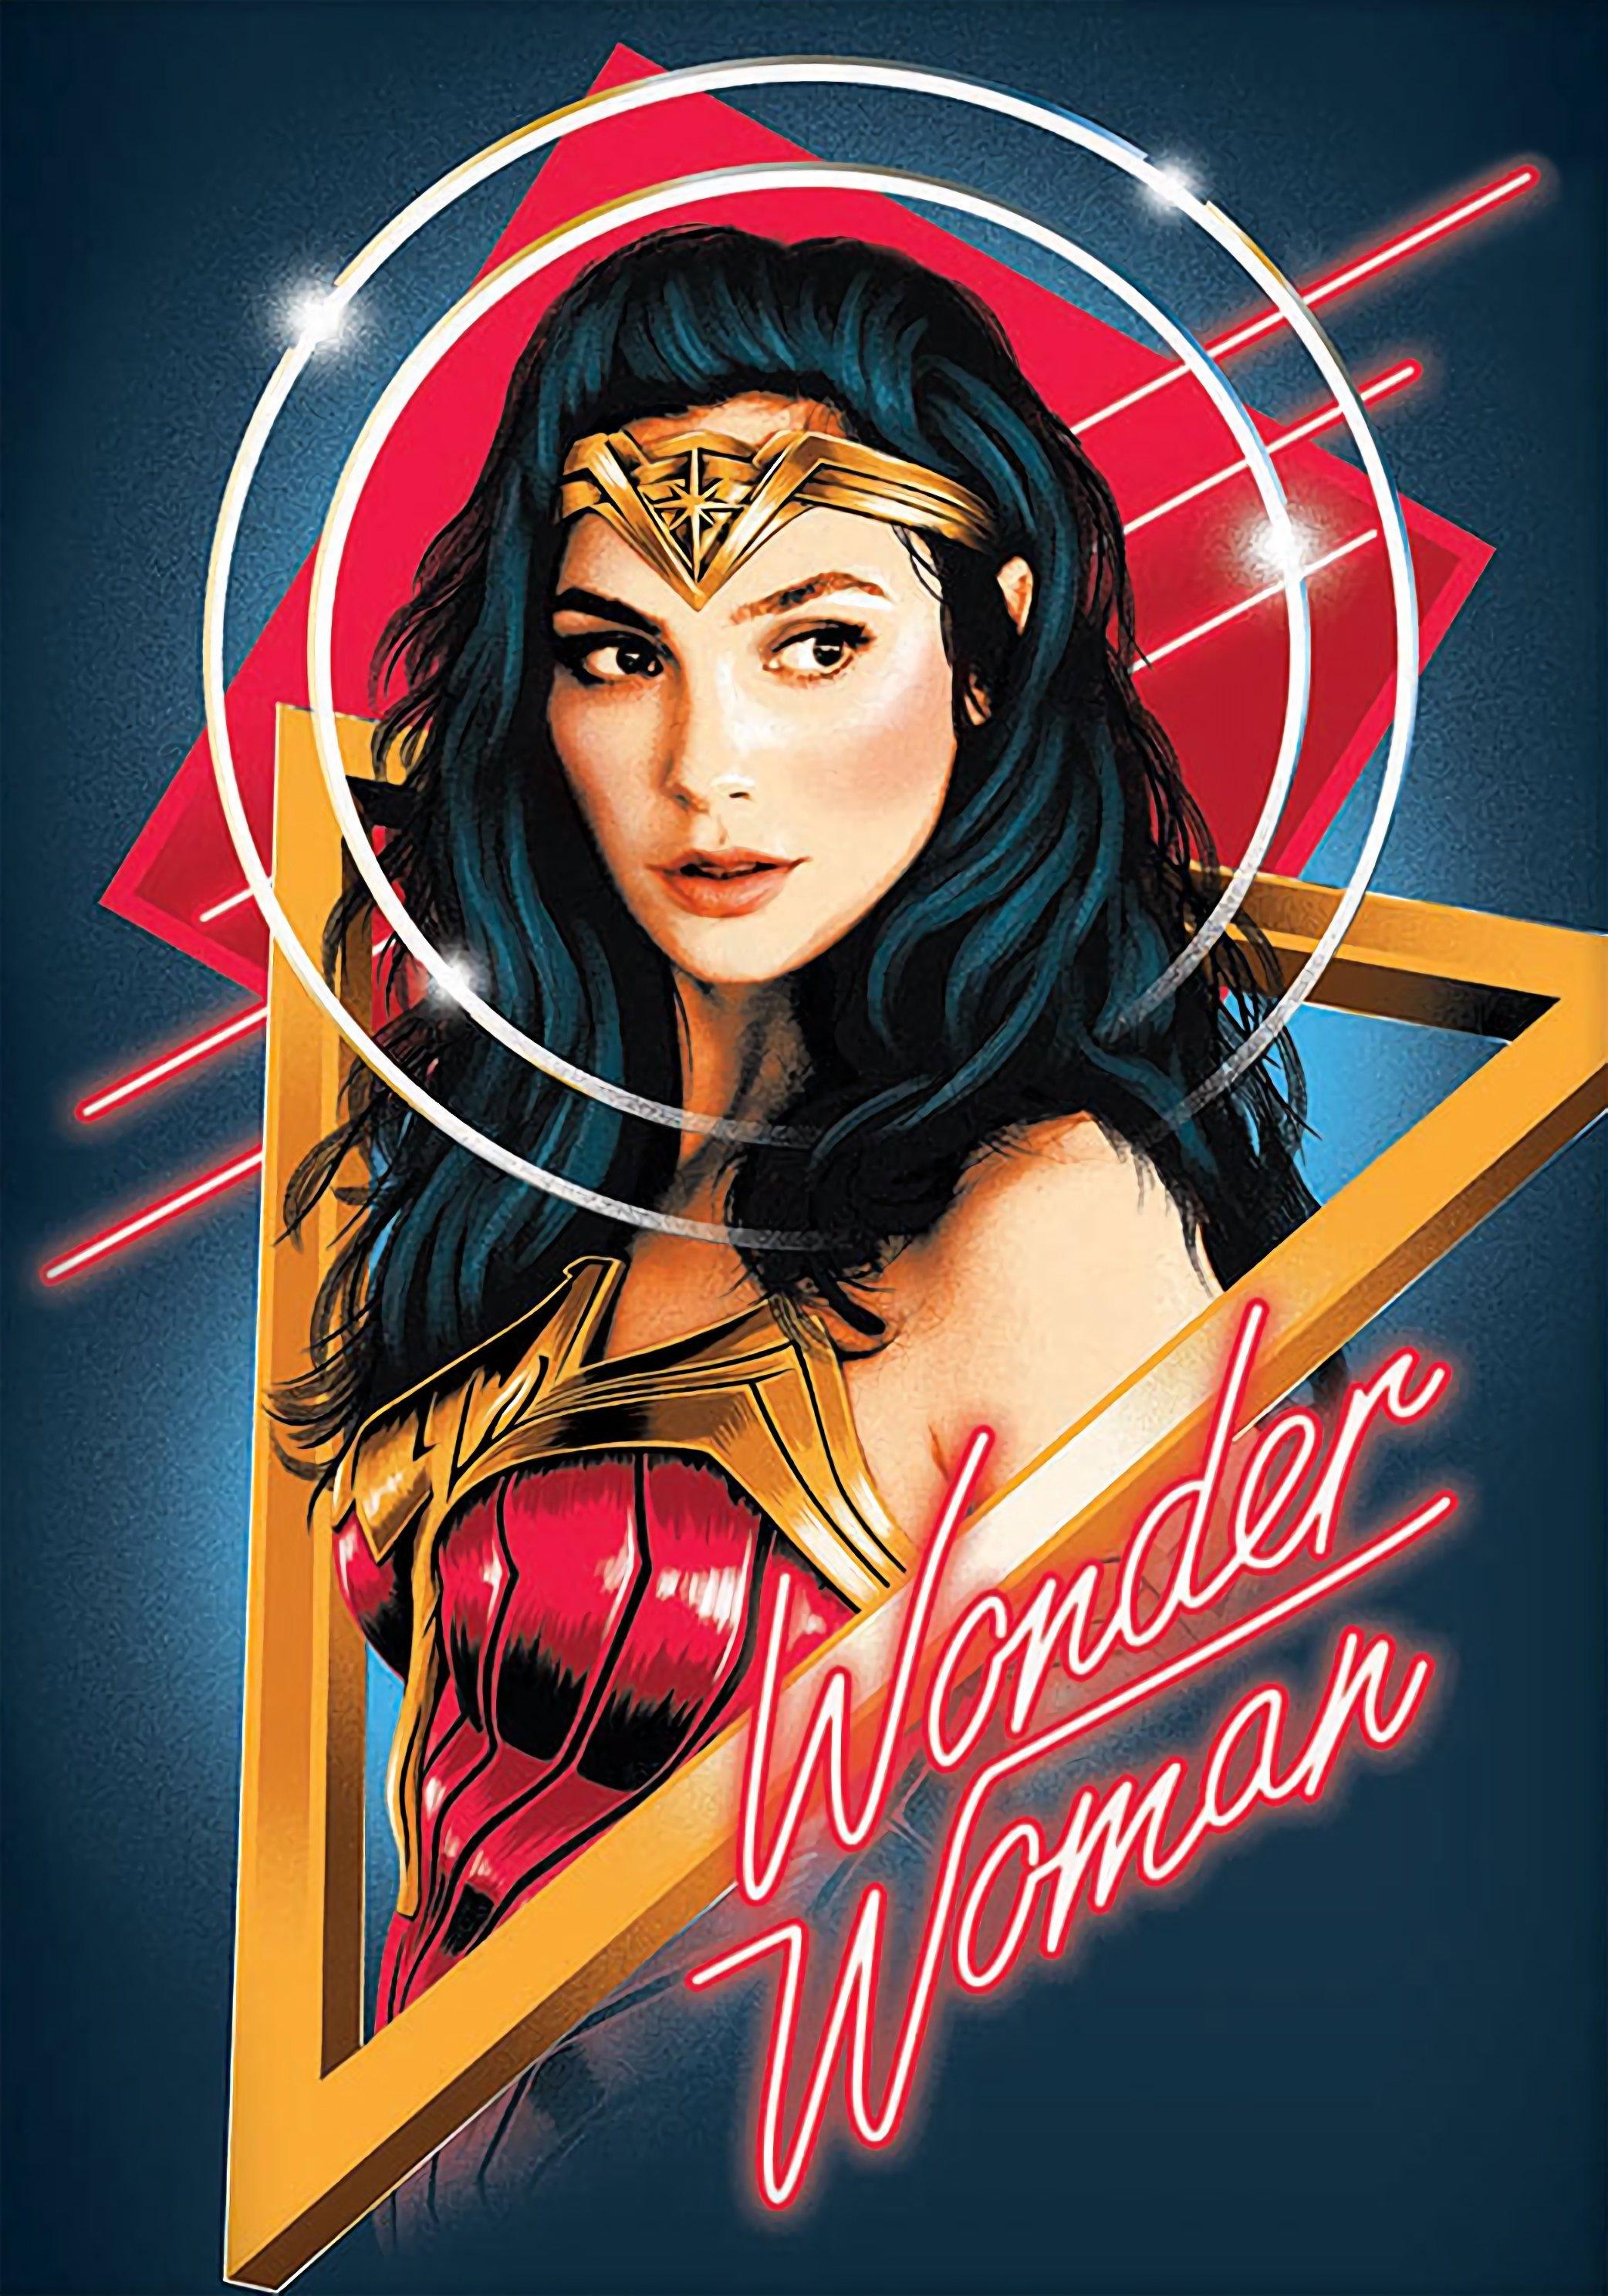 Wonder Woman 1984 2020 Poster Wonder Woman 2017 Foto 43131547 Fanpop